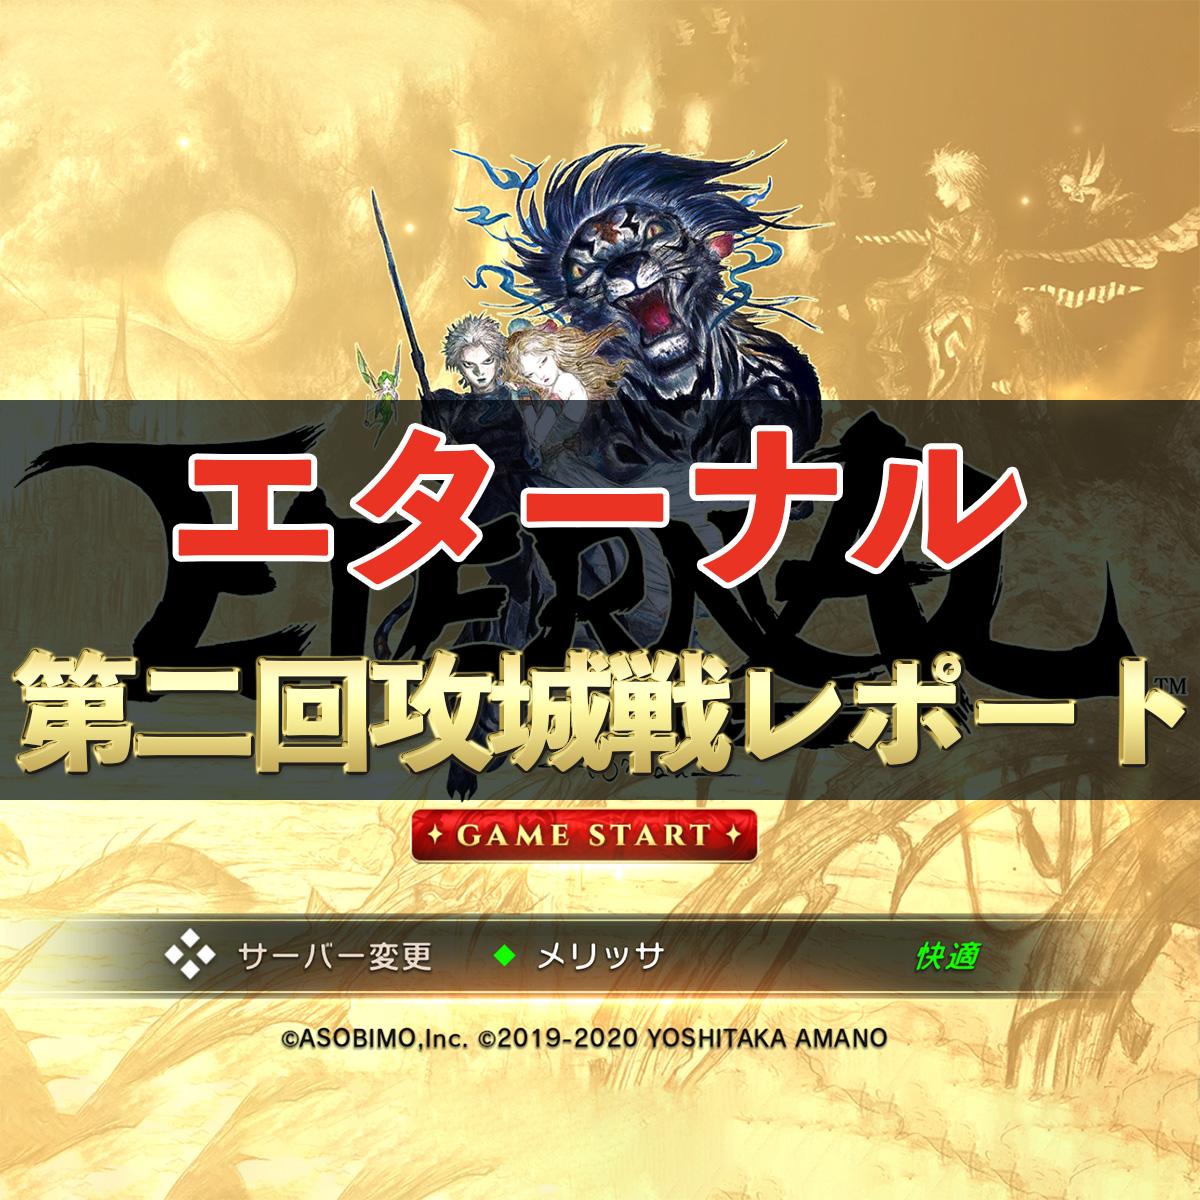 【エターナル】まさかのハプニング! 第二回攻城戦参戦レポート